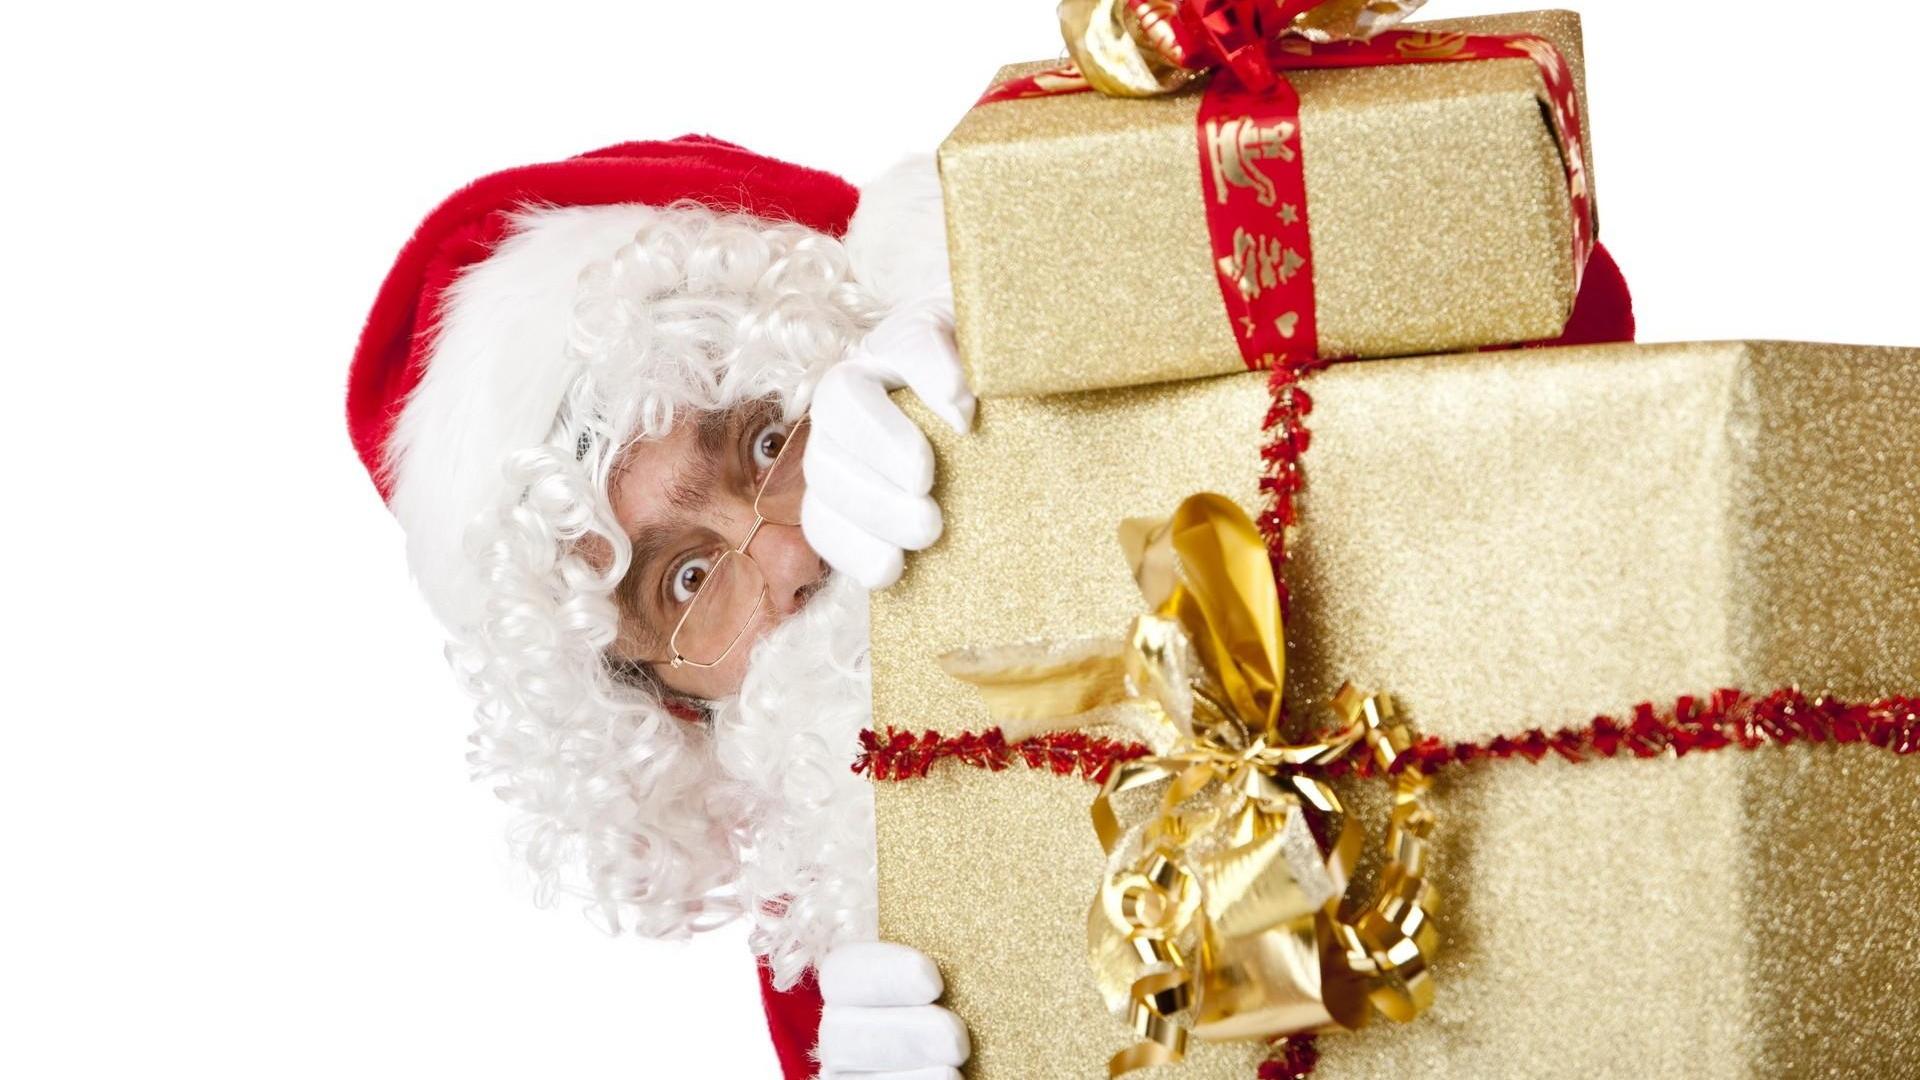 santa claus gifts christmas - Santa Claus Gifts